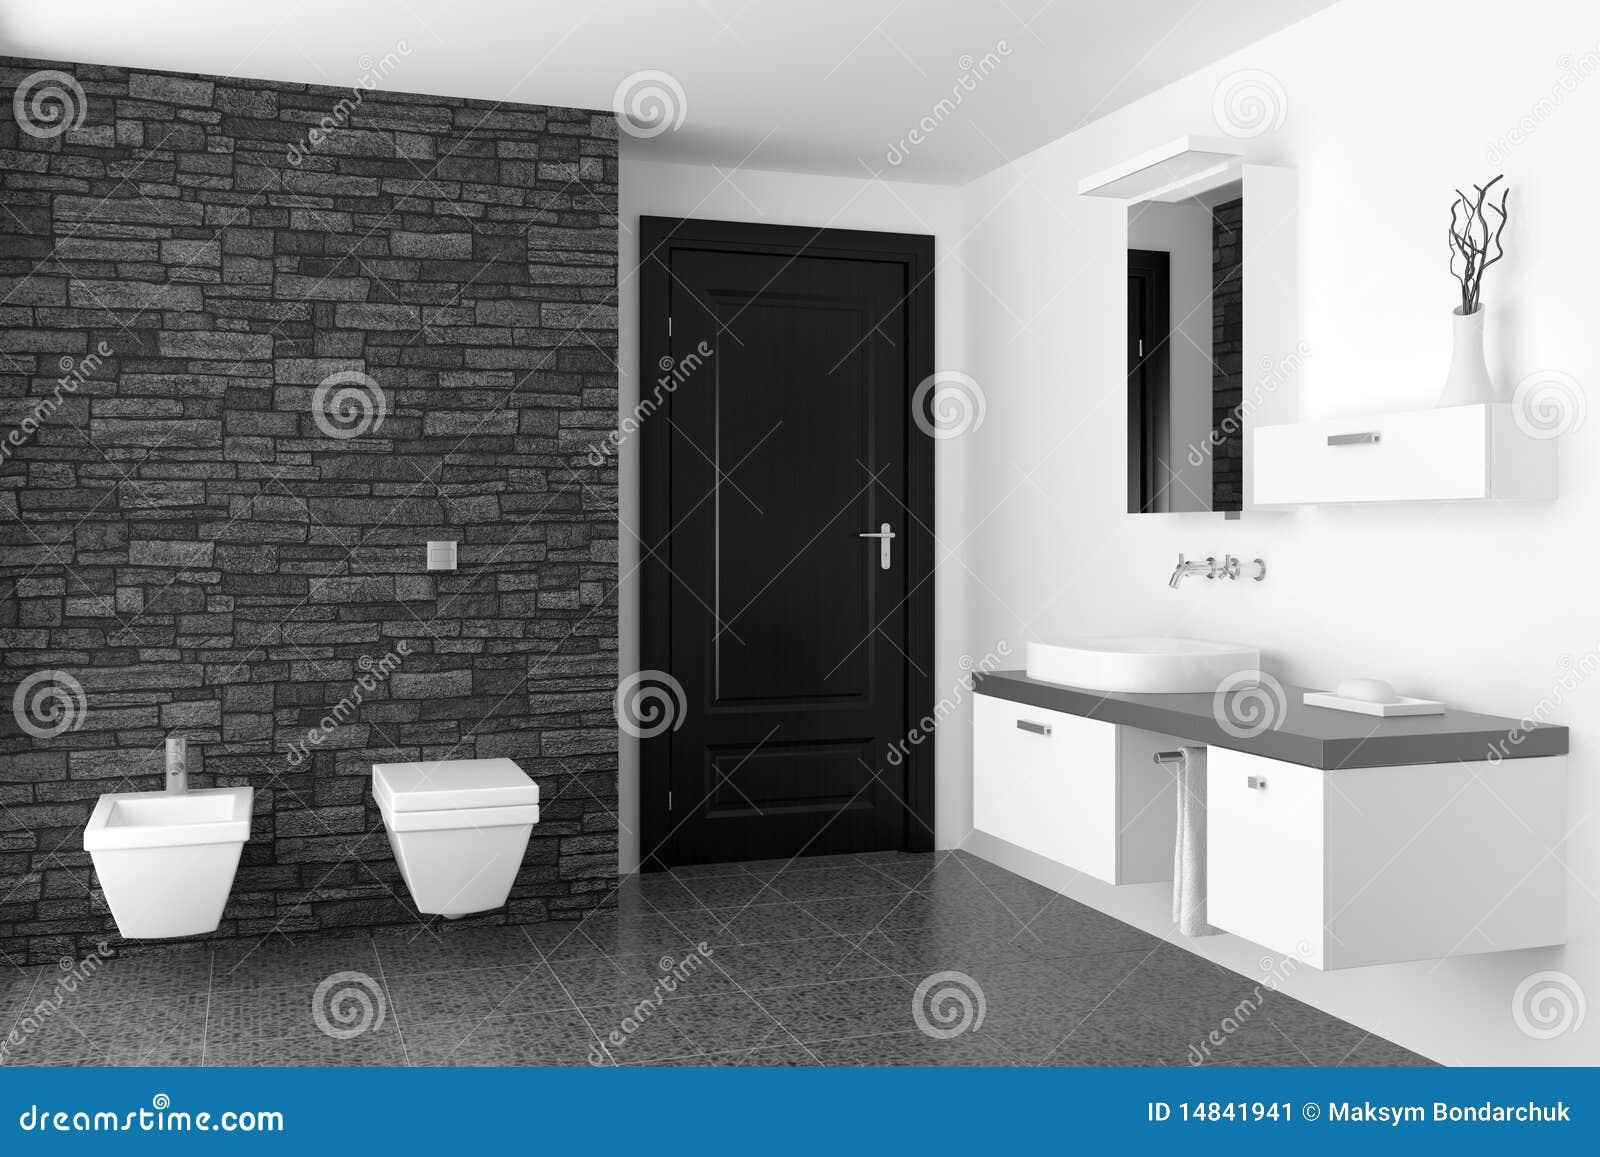 Stanza Da Bagno Moderna Con La Parete Di Pietra Nera Immagine Stock - Immagine: 14841941